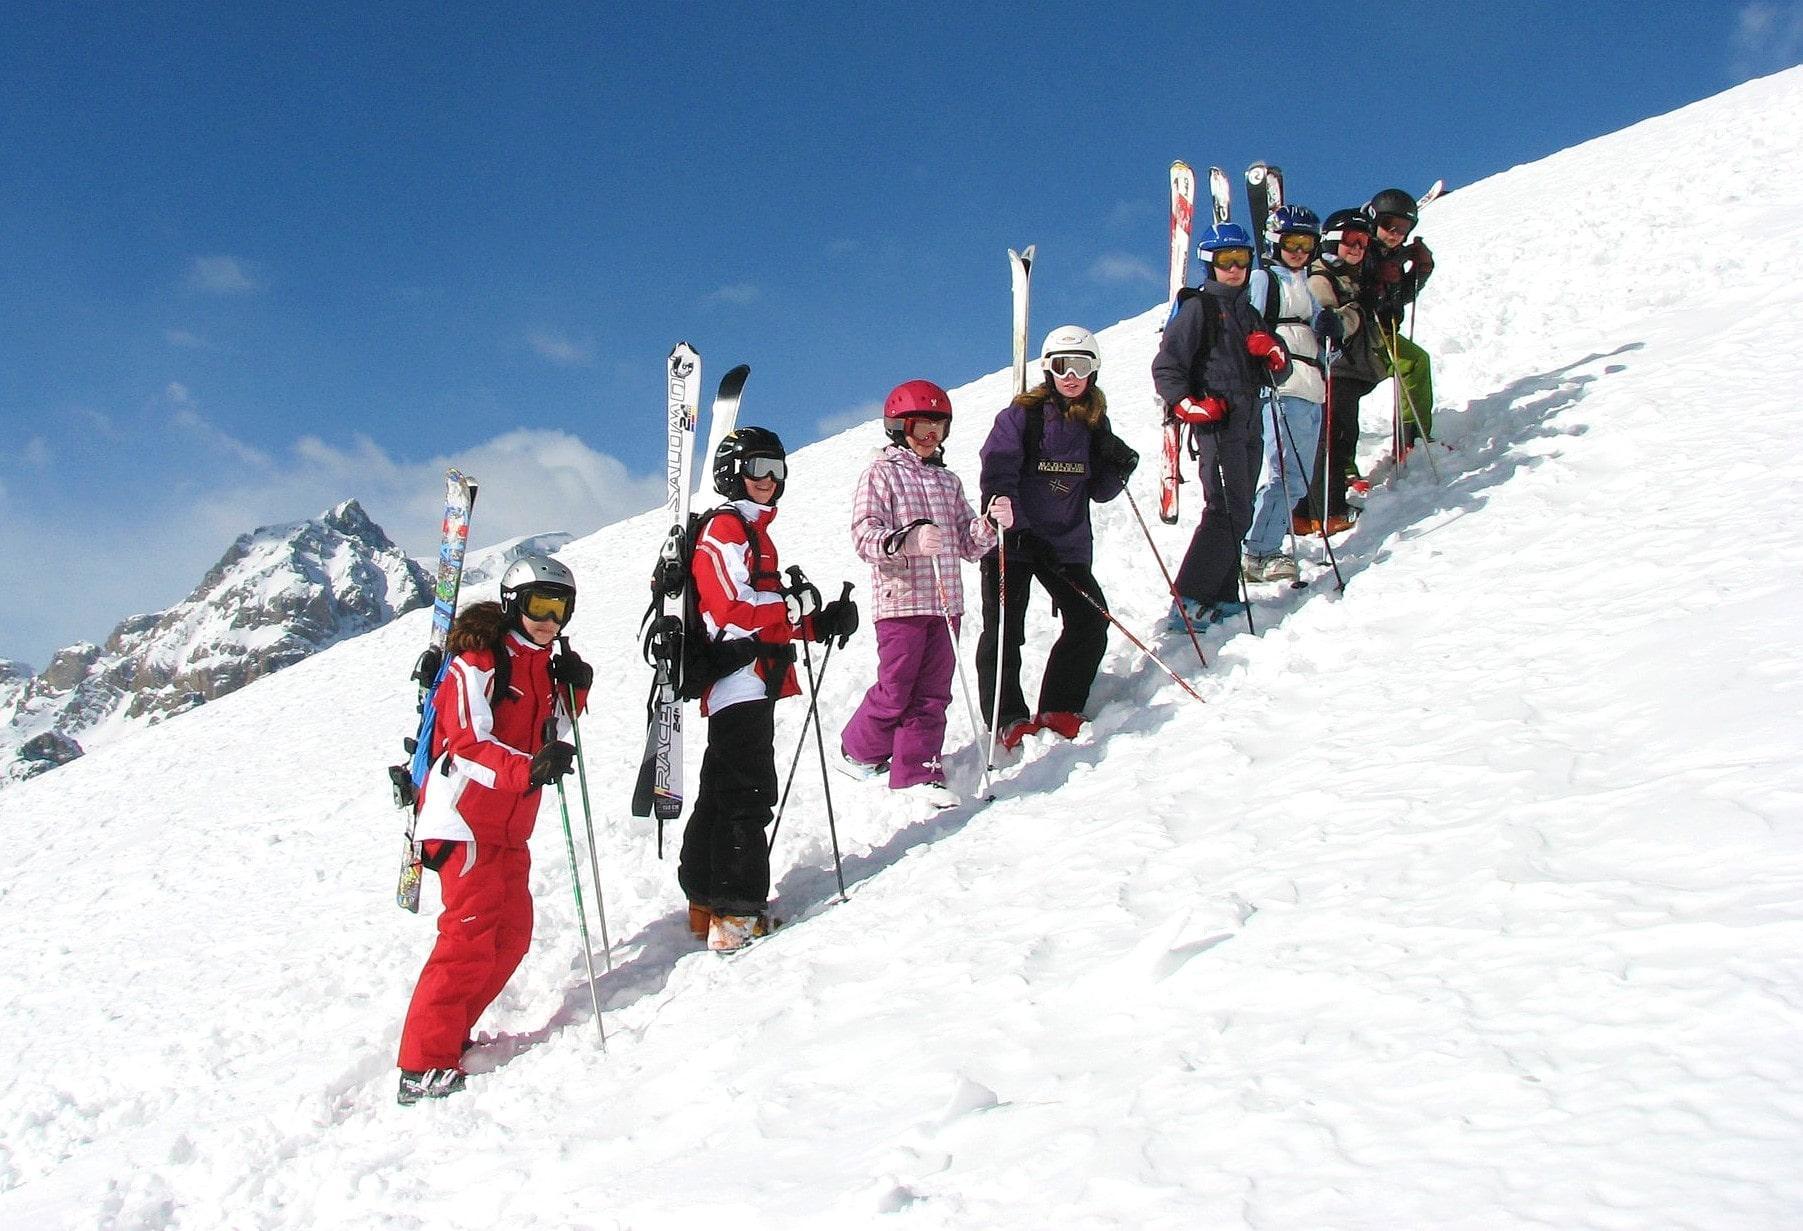 Skilessen voor kinderen vanaf 8 jaar - vergevorderd